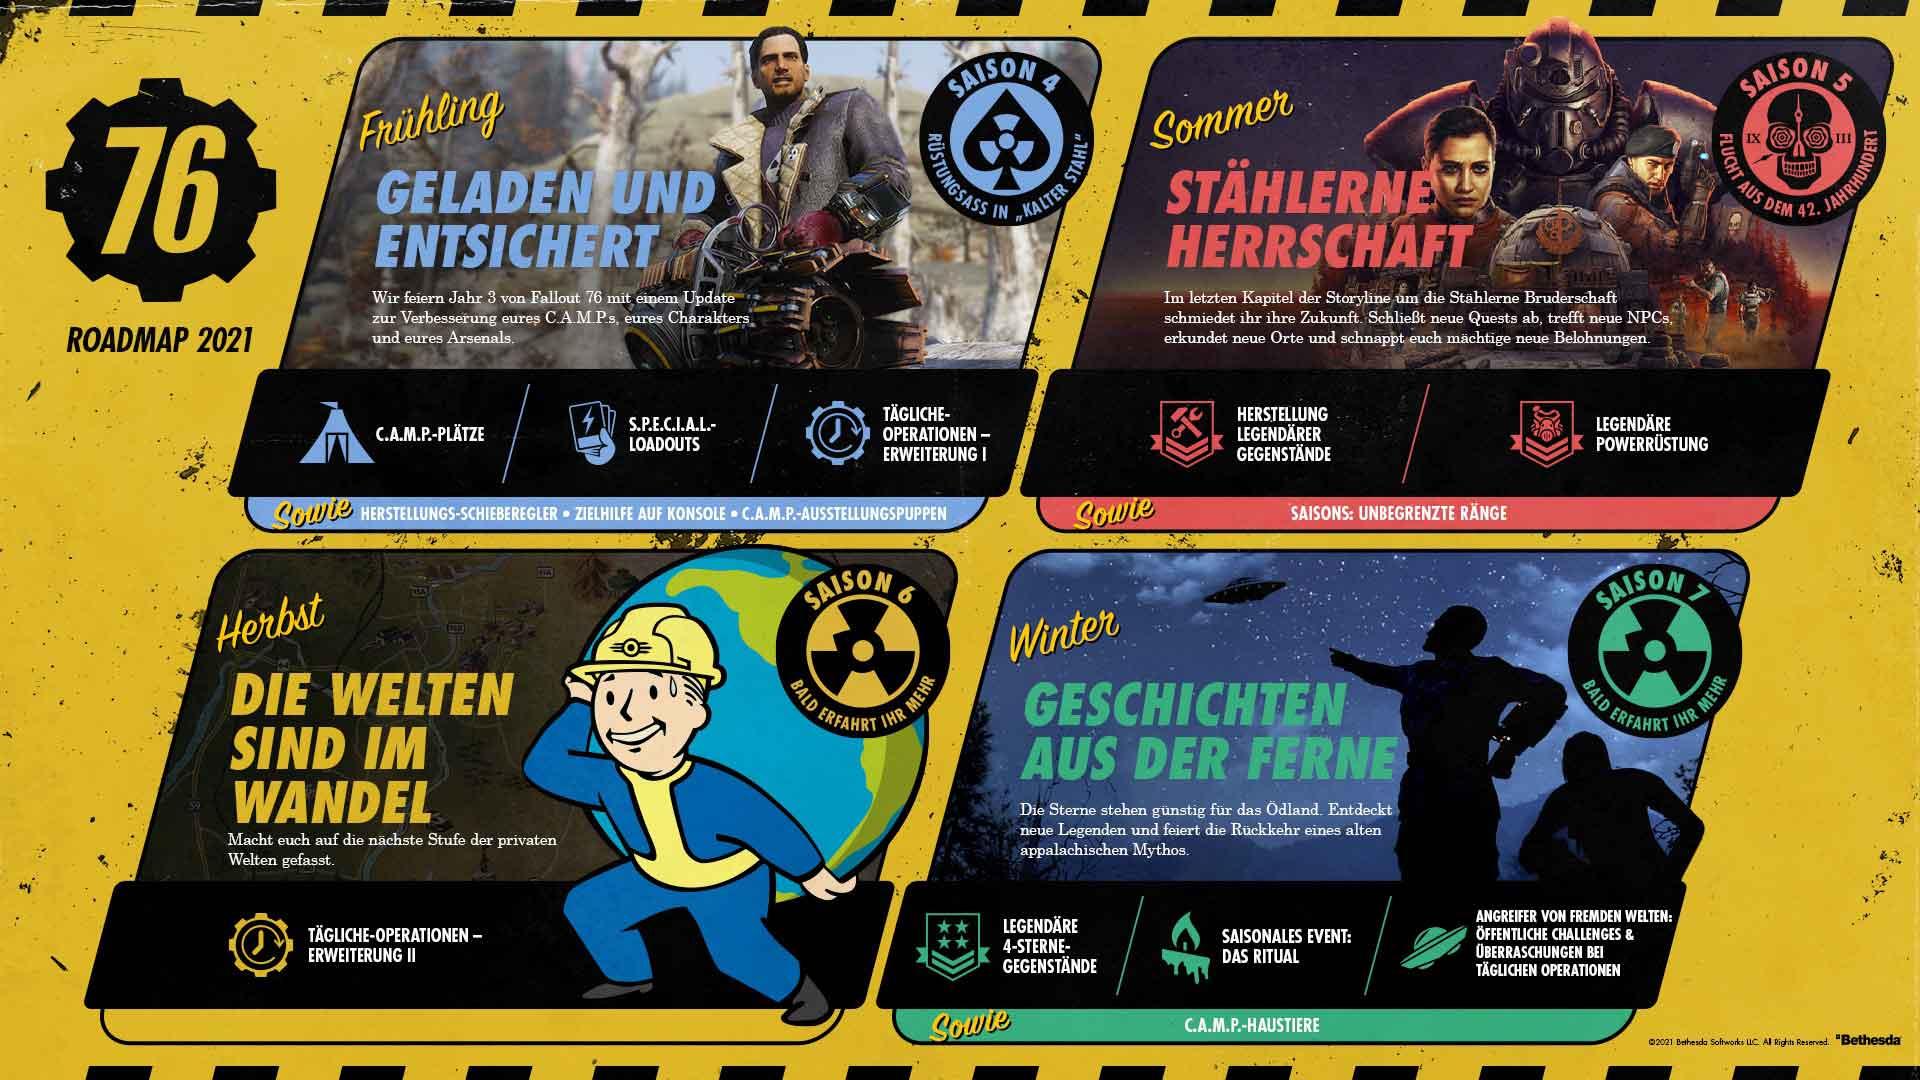 Fallout 76: Roadmap 2021